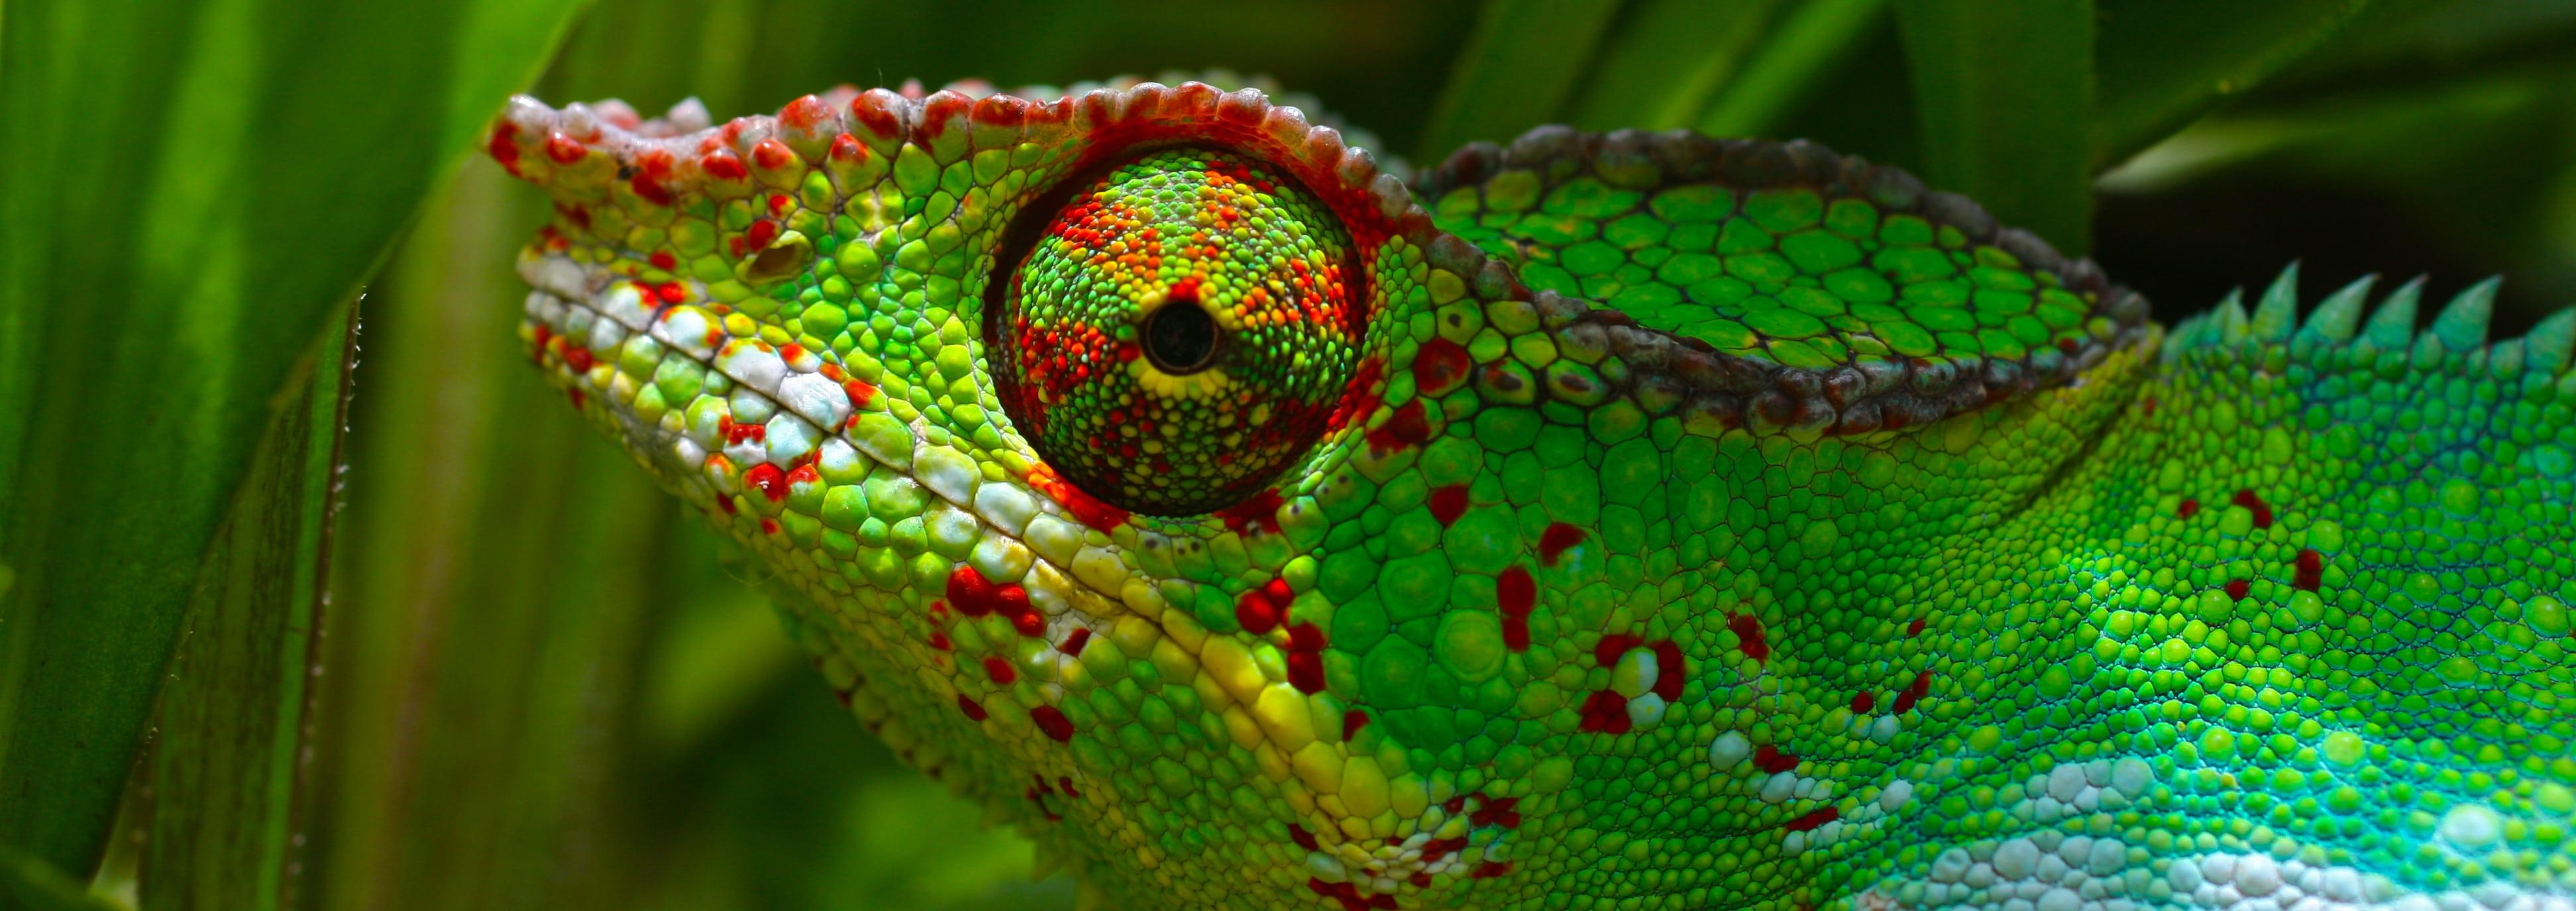 clients culture chameleon